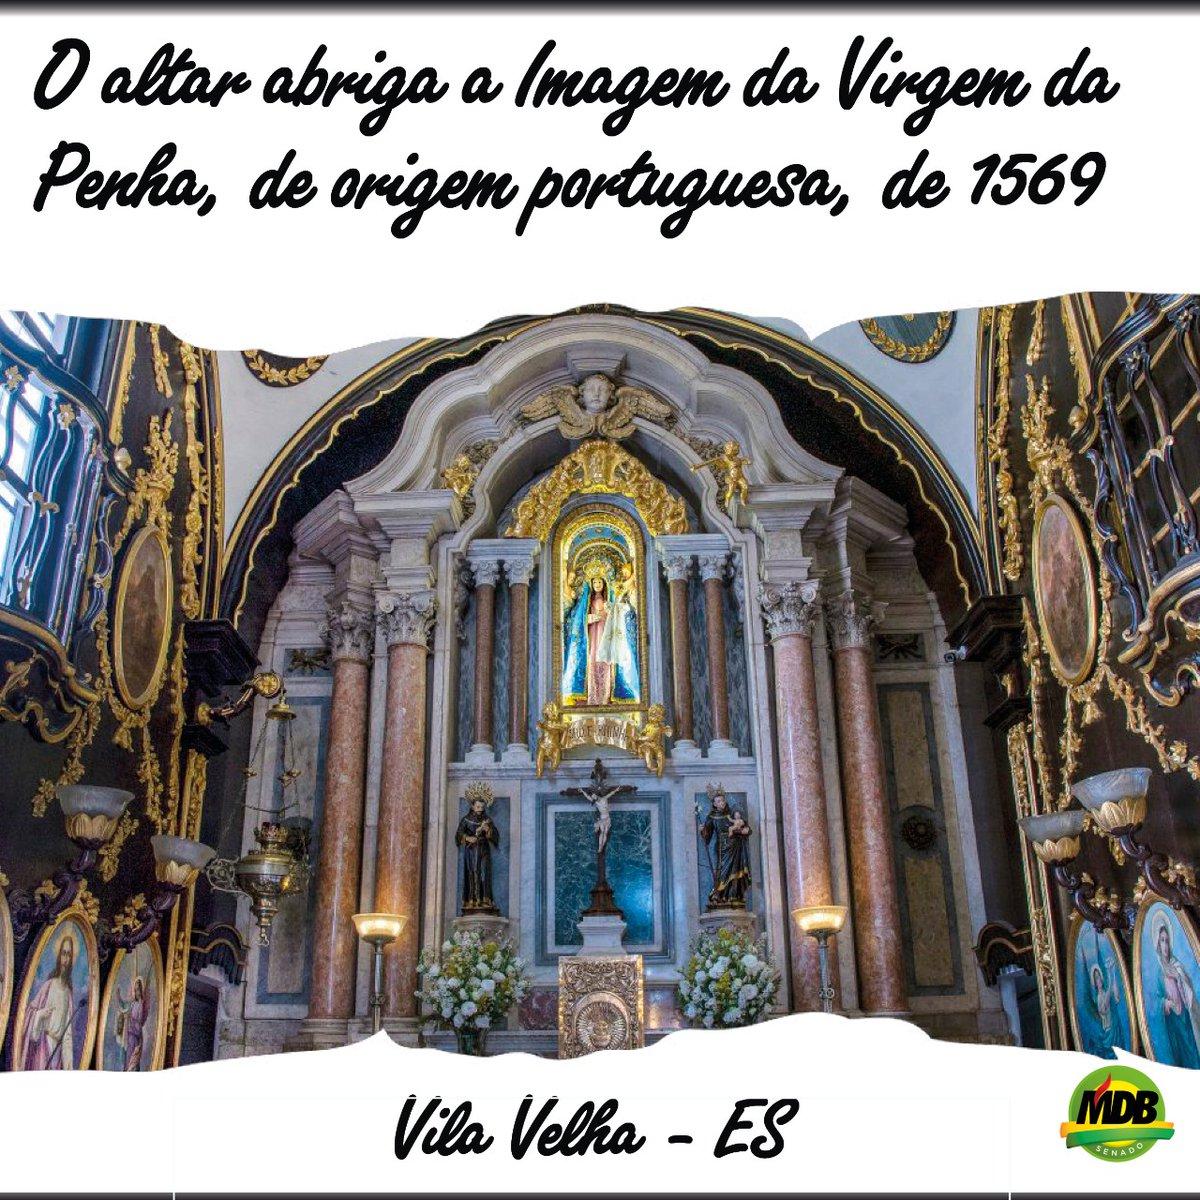 O #ConventodaPenha aparece na lista de monumentos mais visitados, junto do Cristo Redentor - RJ e do santuário de Aparecida do Norte - SP, e recebe mais de 2 milhões de visitantes. #descubraoes #descubraoespiritosanto #museu #cultura @sen_luizpastorepic.twitter.com/2L3kUkXUE7